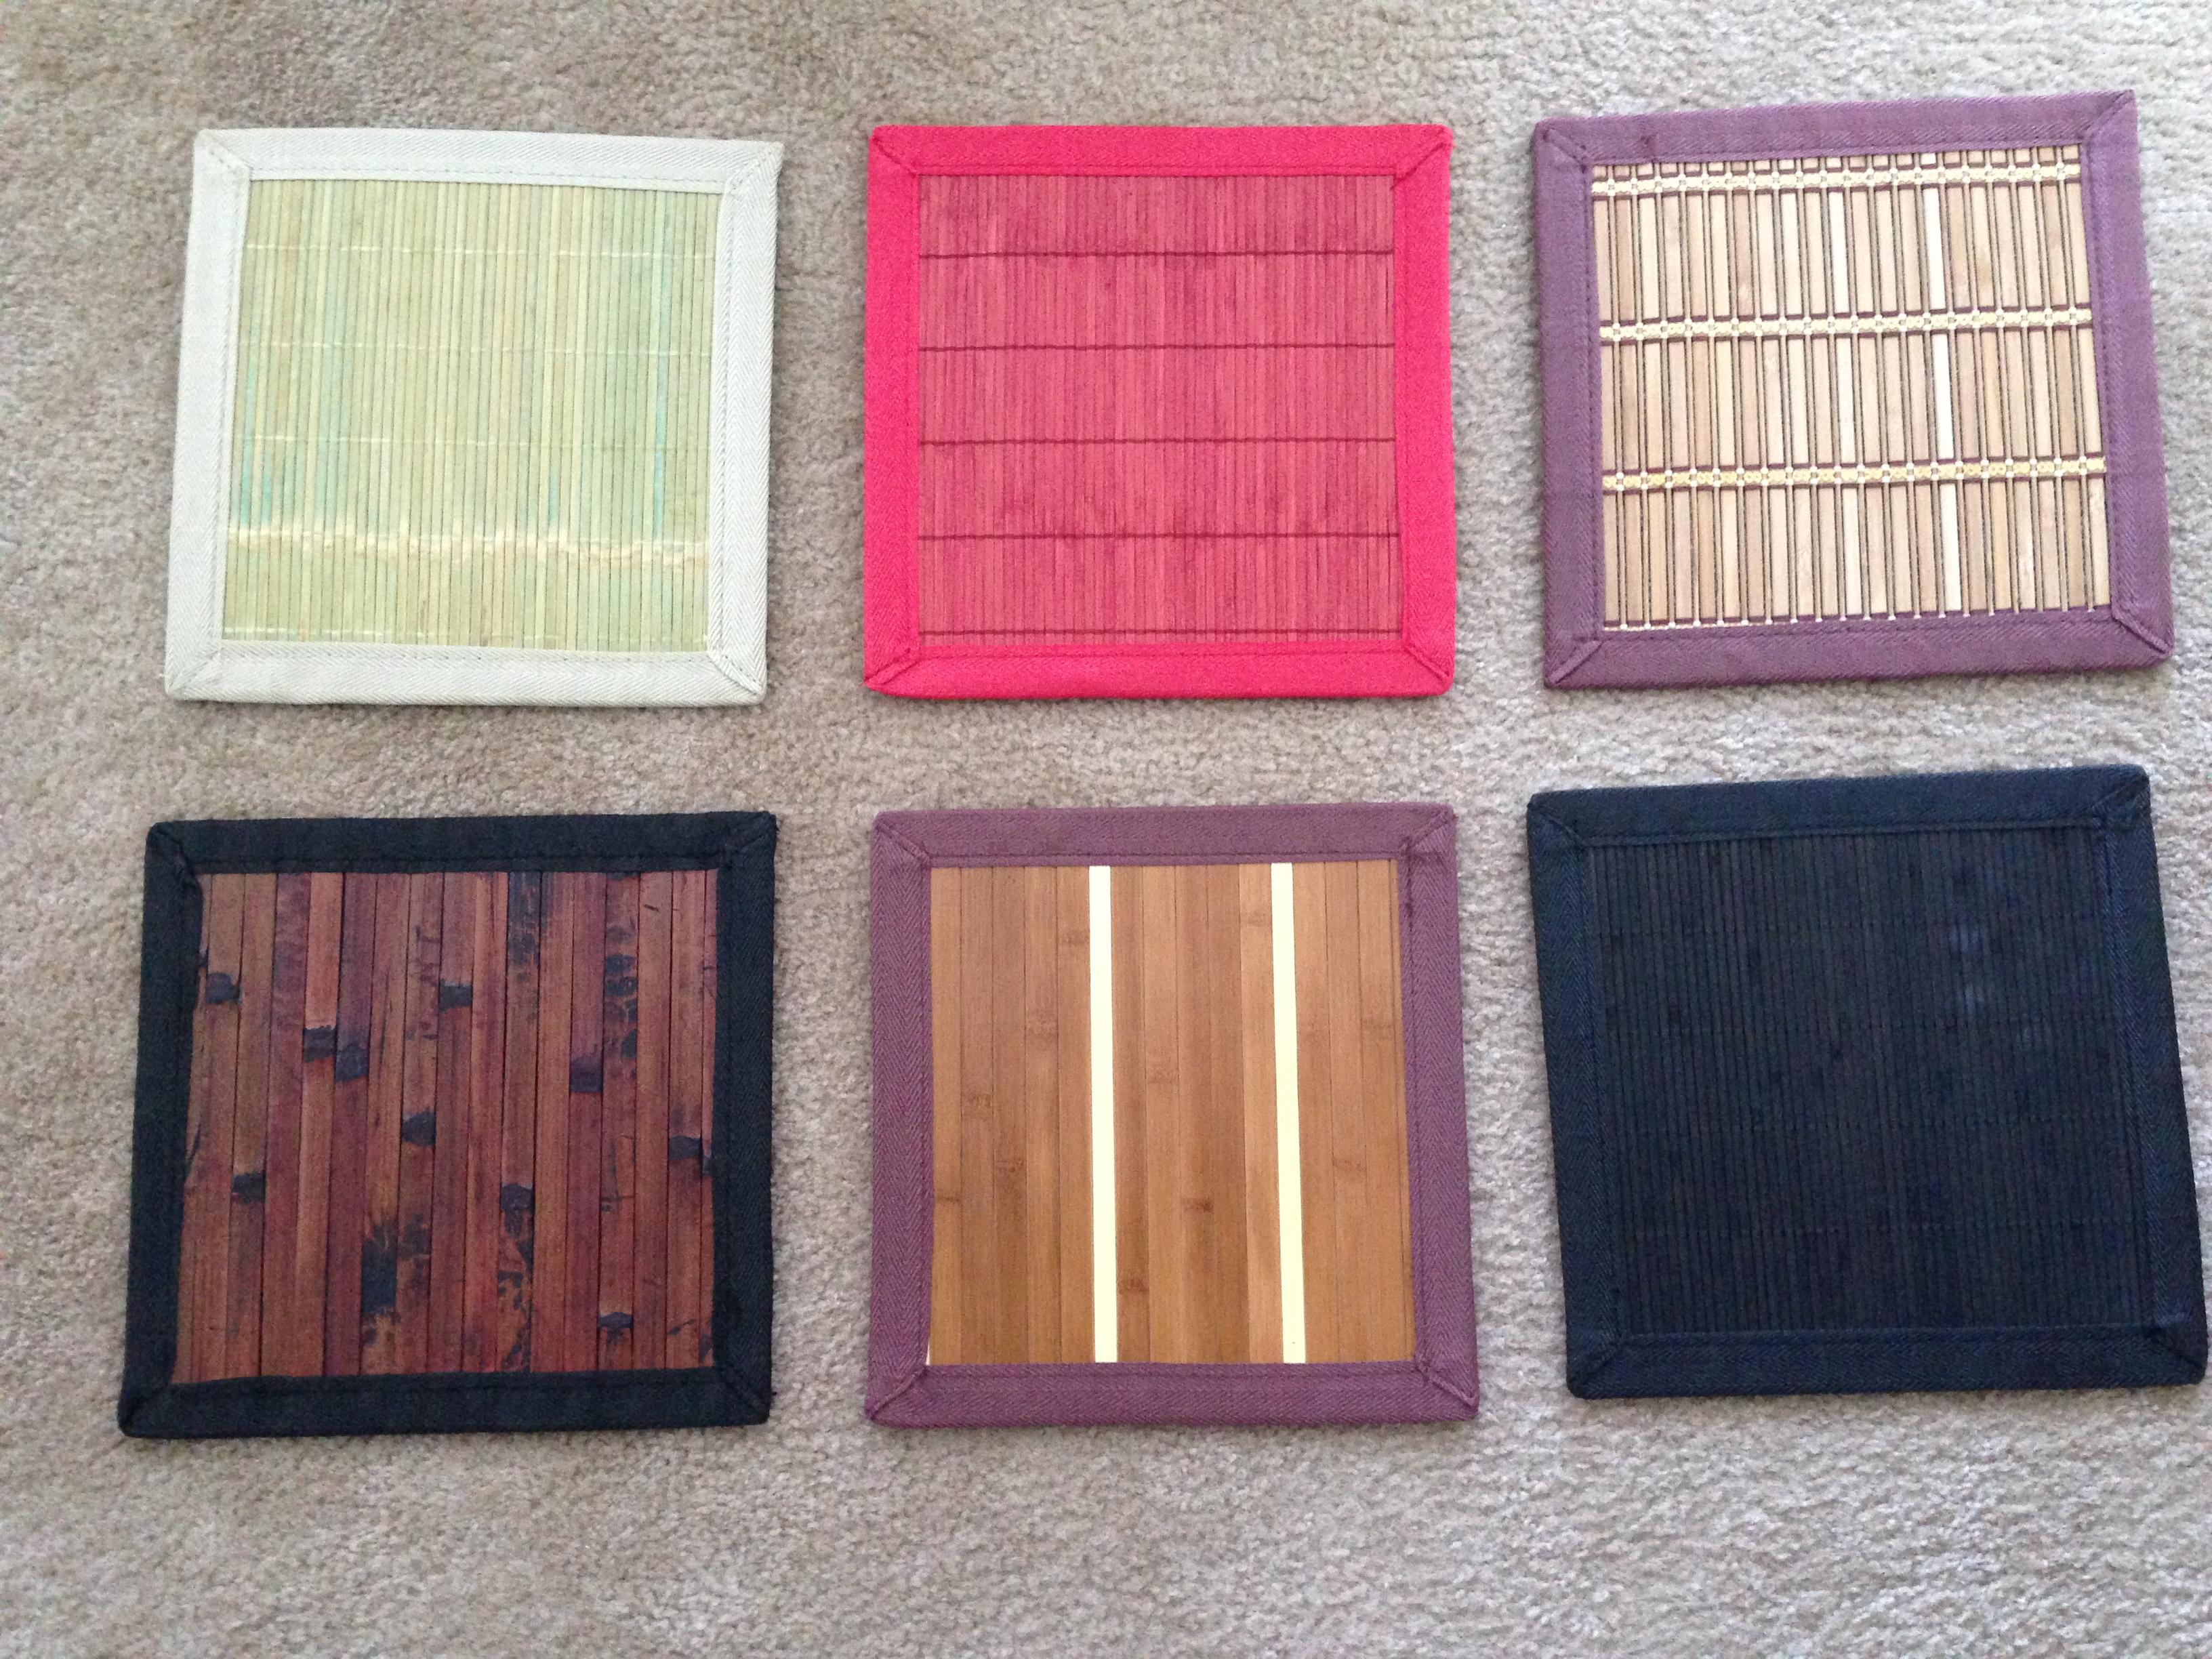 Bamboo Rugs - Anji Mountain Bamboo Area Rugs | 2' x 3', 2.5' x 8', 4 ...